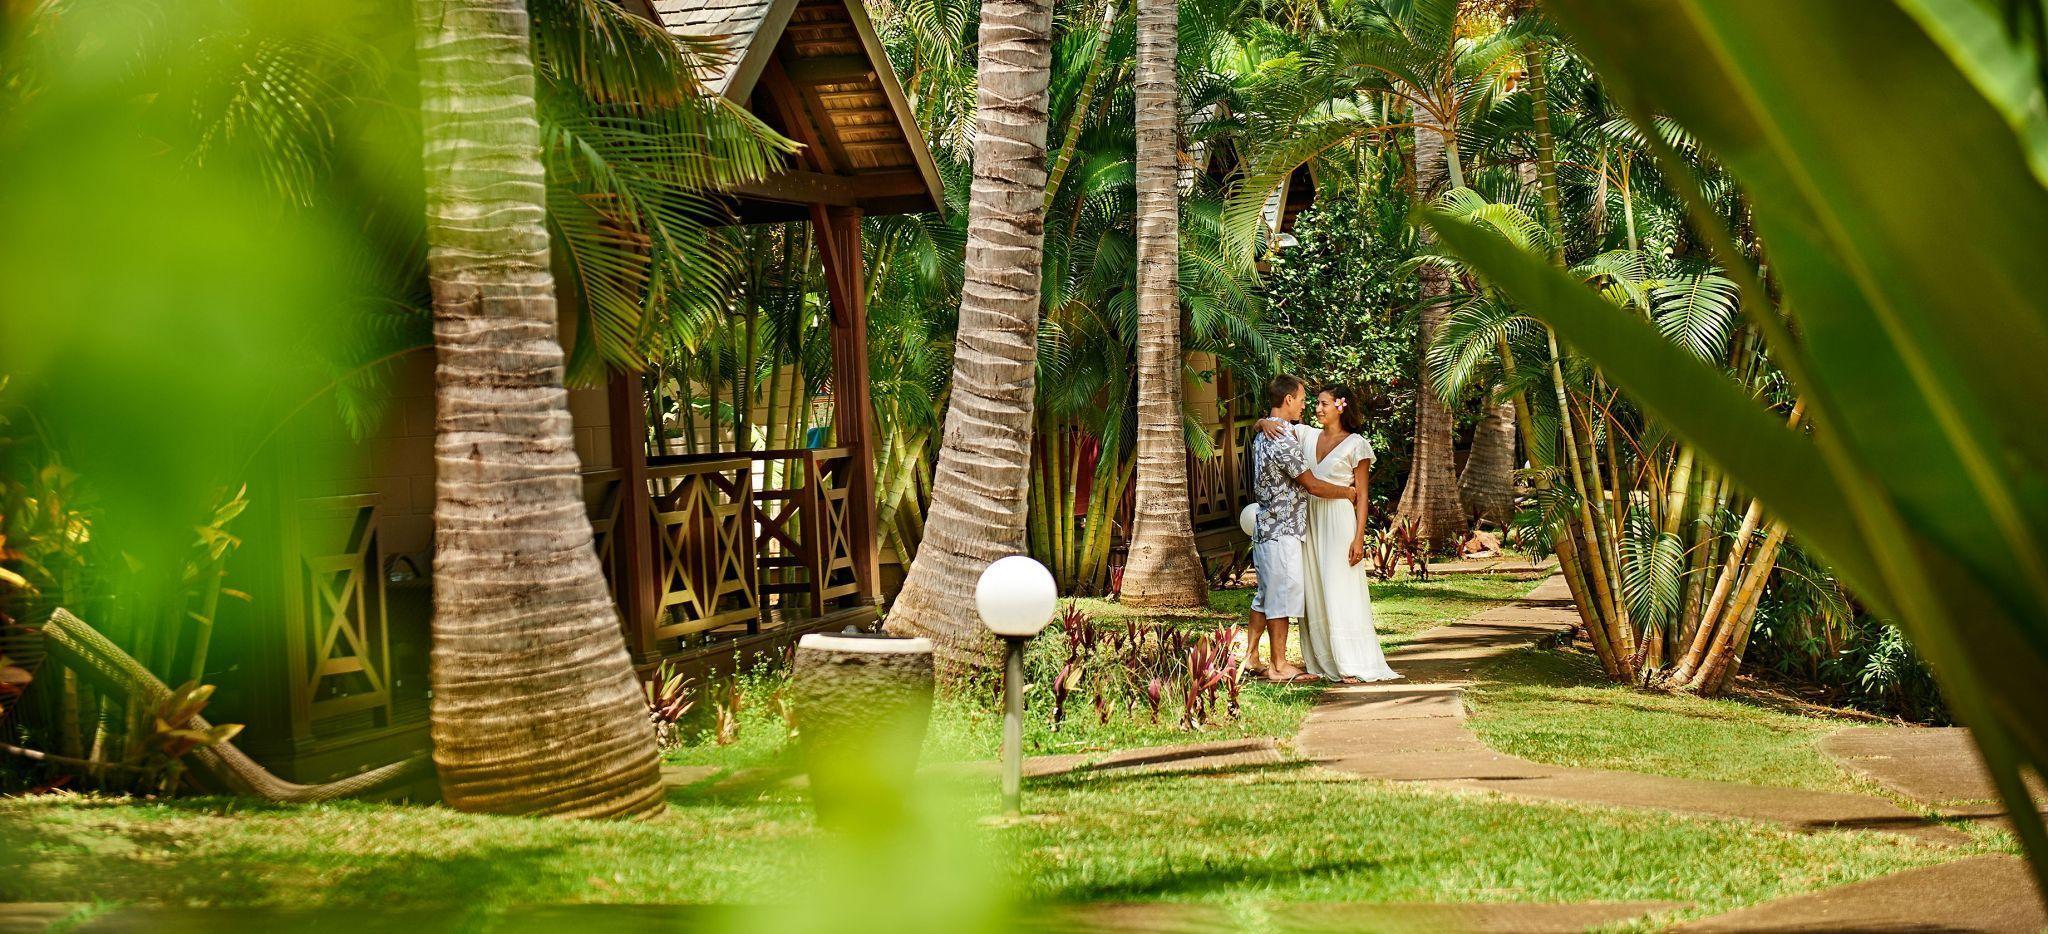 Ein Paar im Garten des Hotels Iloha